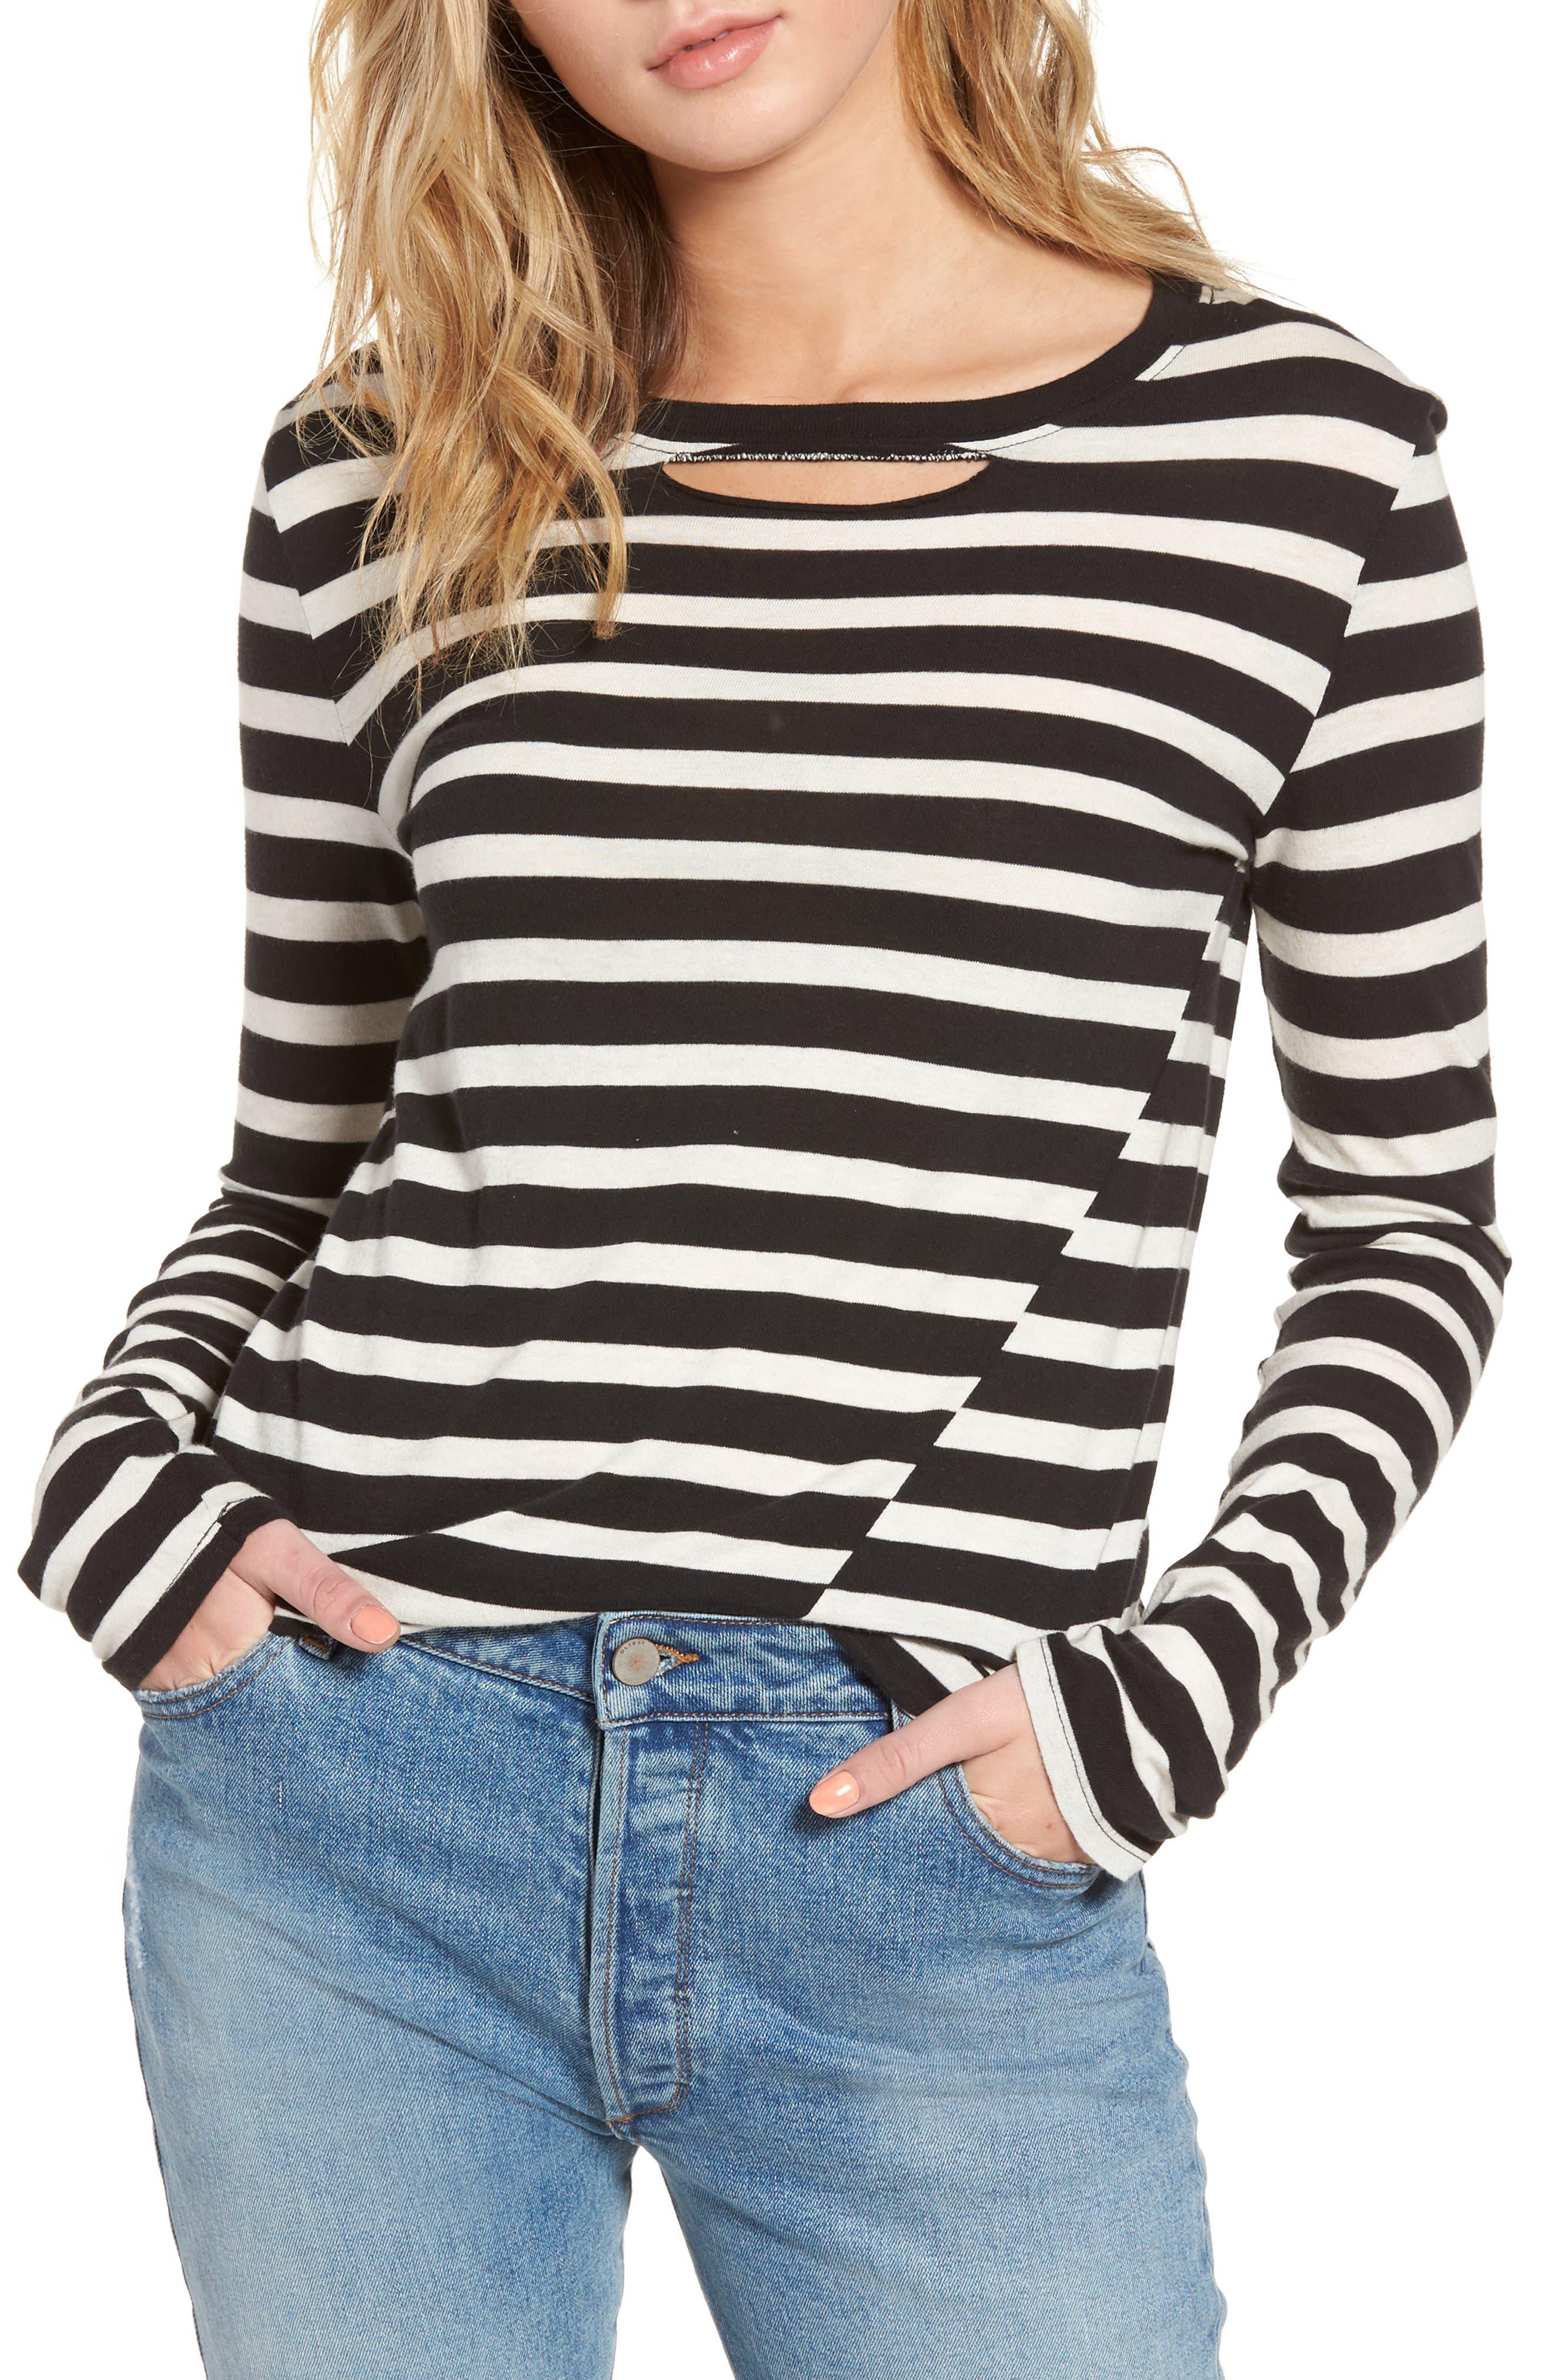 Pam & Gela Stripe Long Sleeve Top